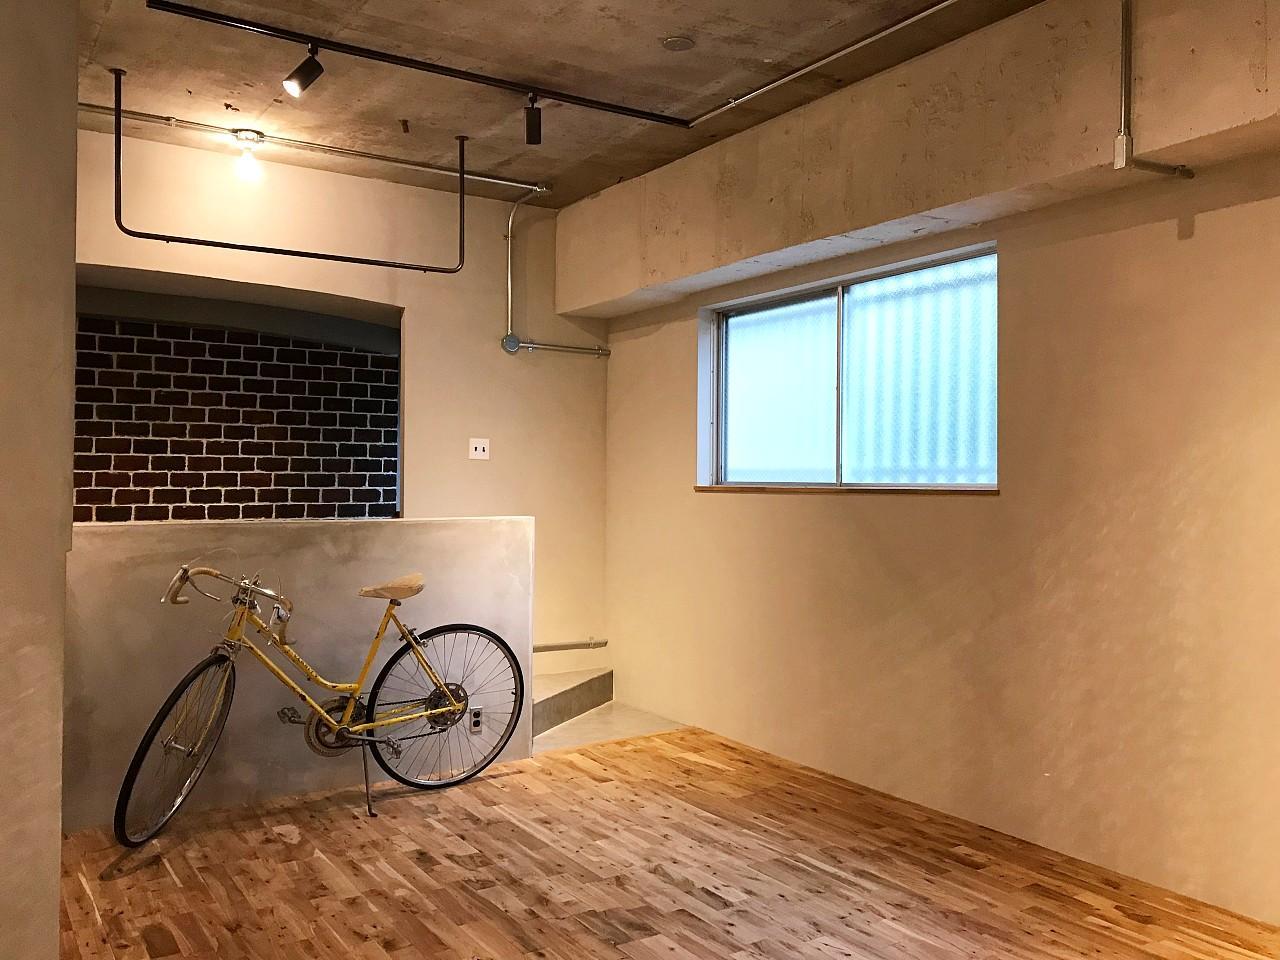 小窓から灯りが入ります(写真の自転車もついてきます!)